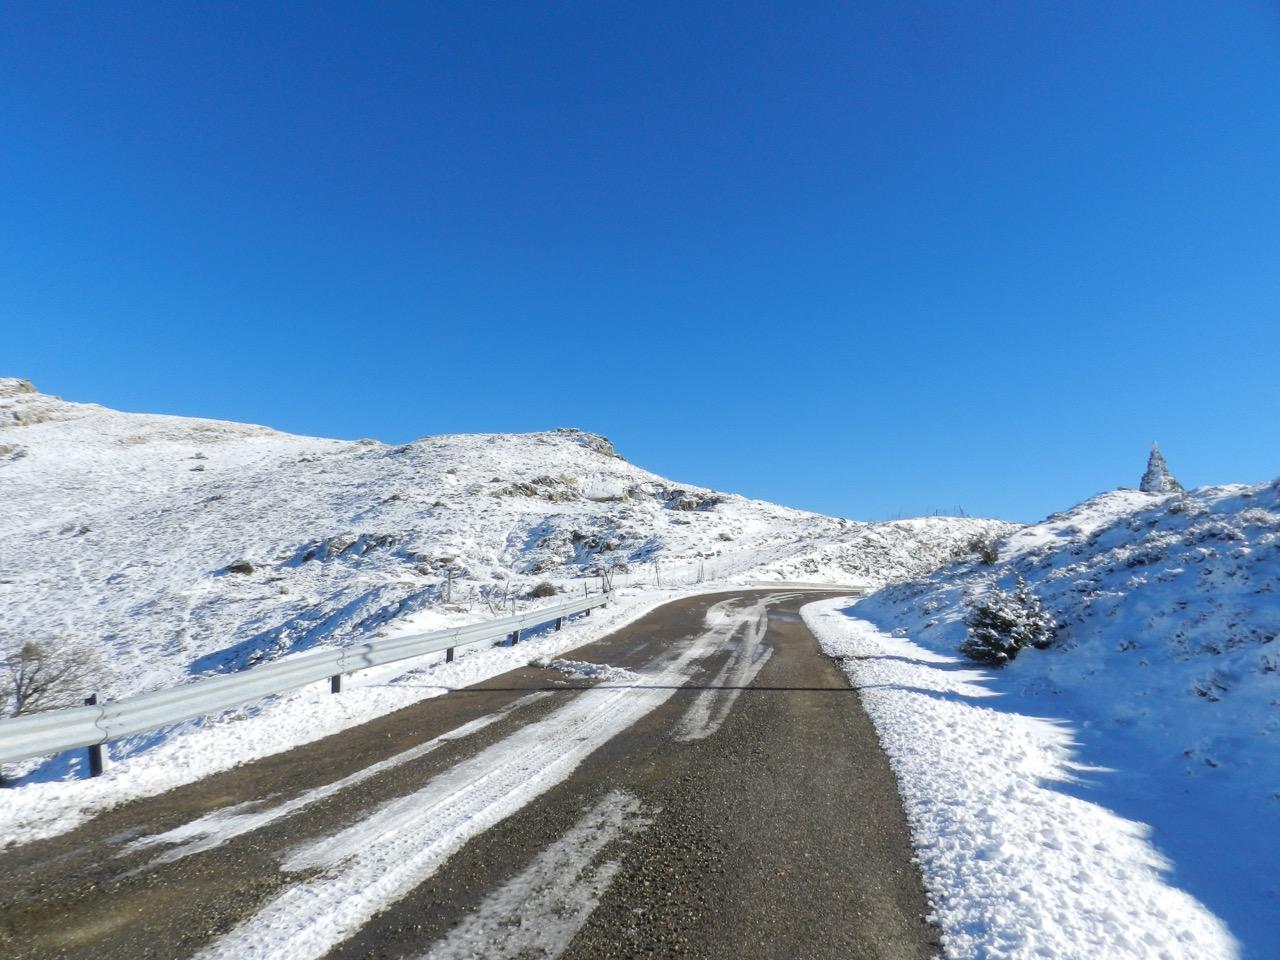 Auf dem Weg in den Gennargentu: Schnee am Arcu Correboi